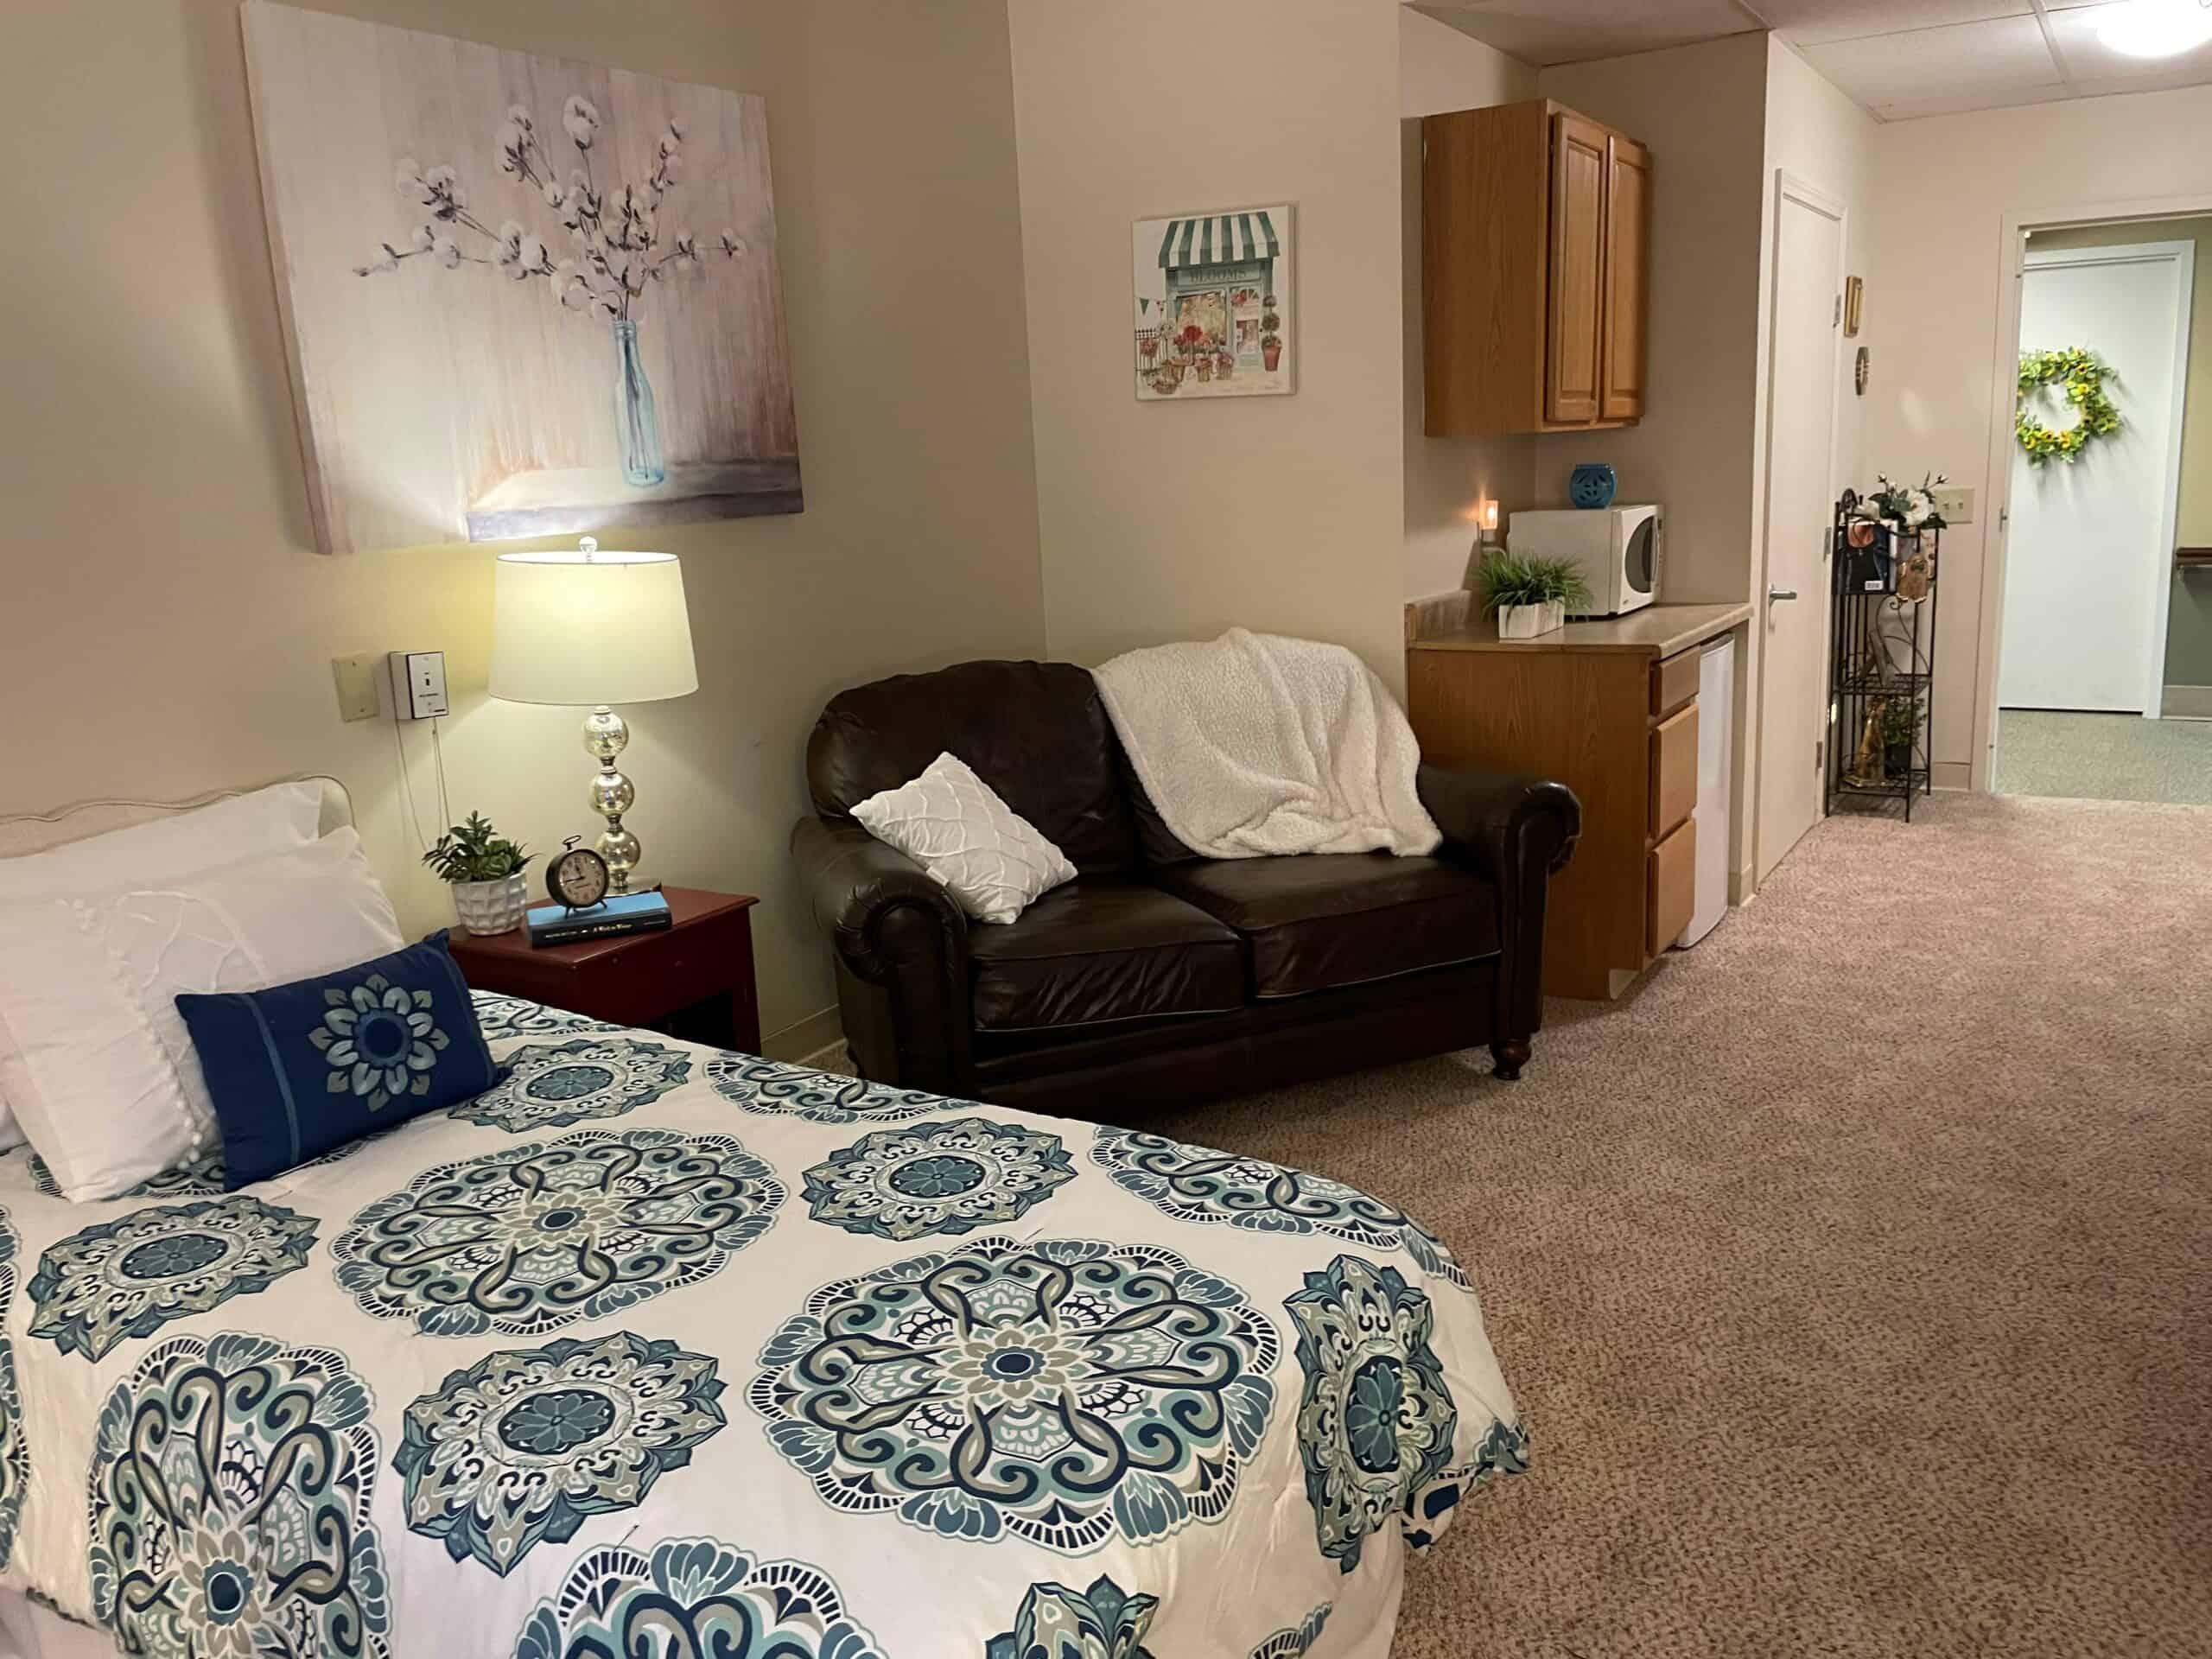 studio apartment for seniors at the woodlands of columbus in ohio